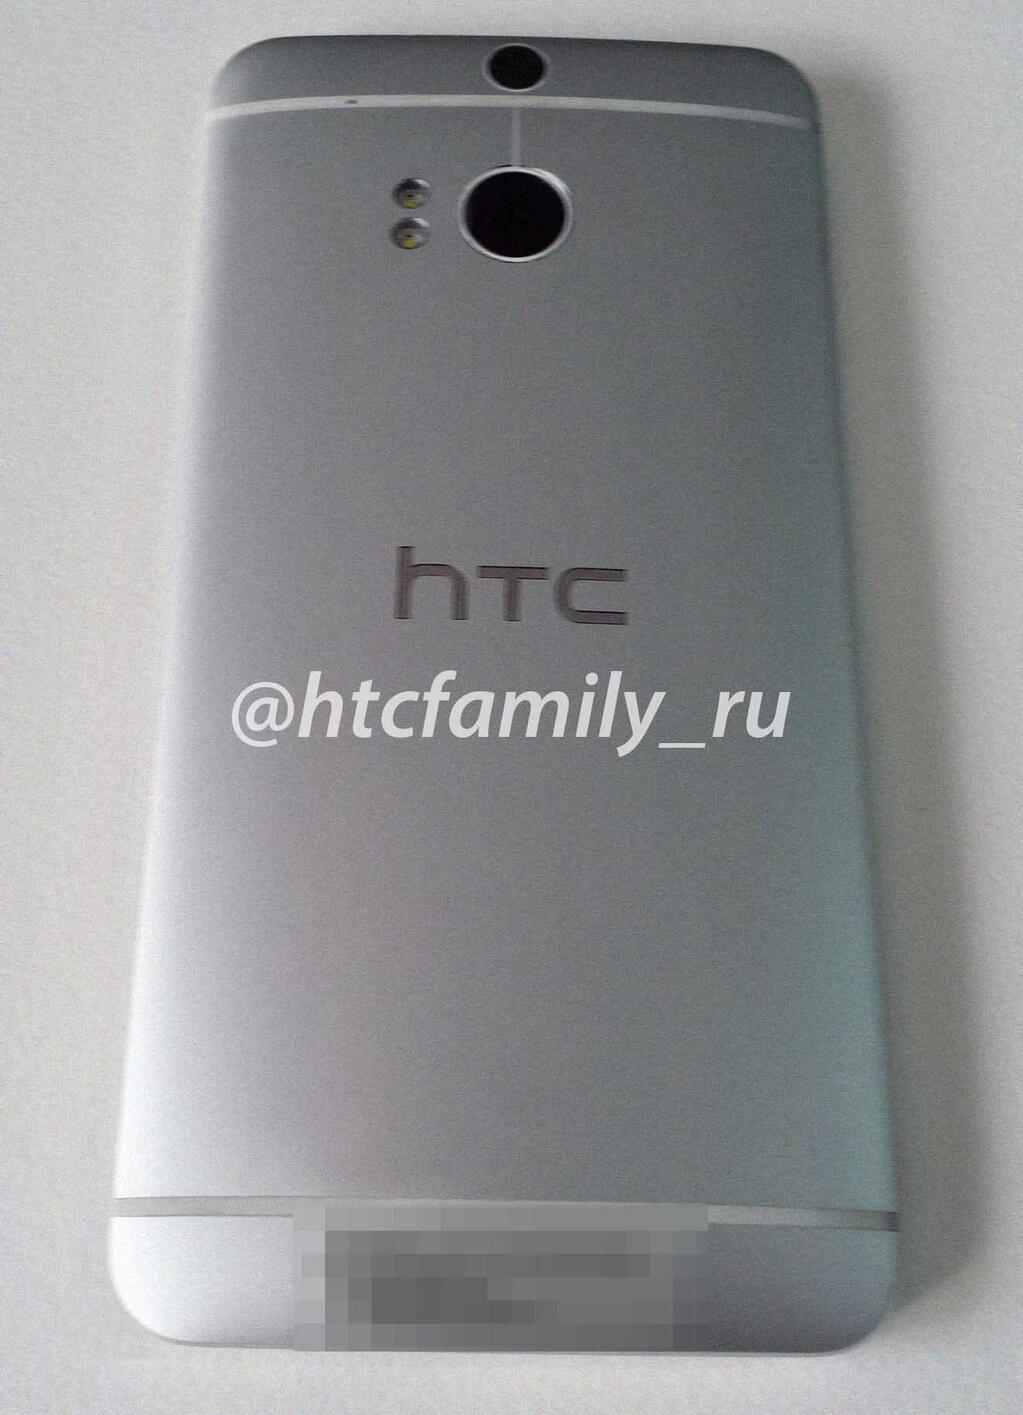 HTC One'ın takipçisi aynı tasarım, çift LED flaş ve kamerayla görüntülendi